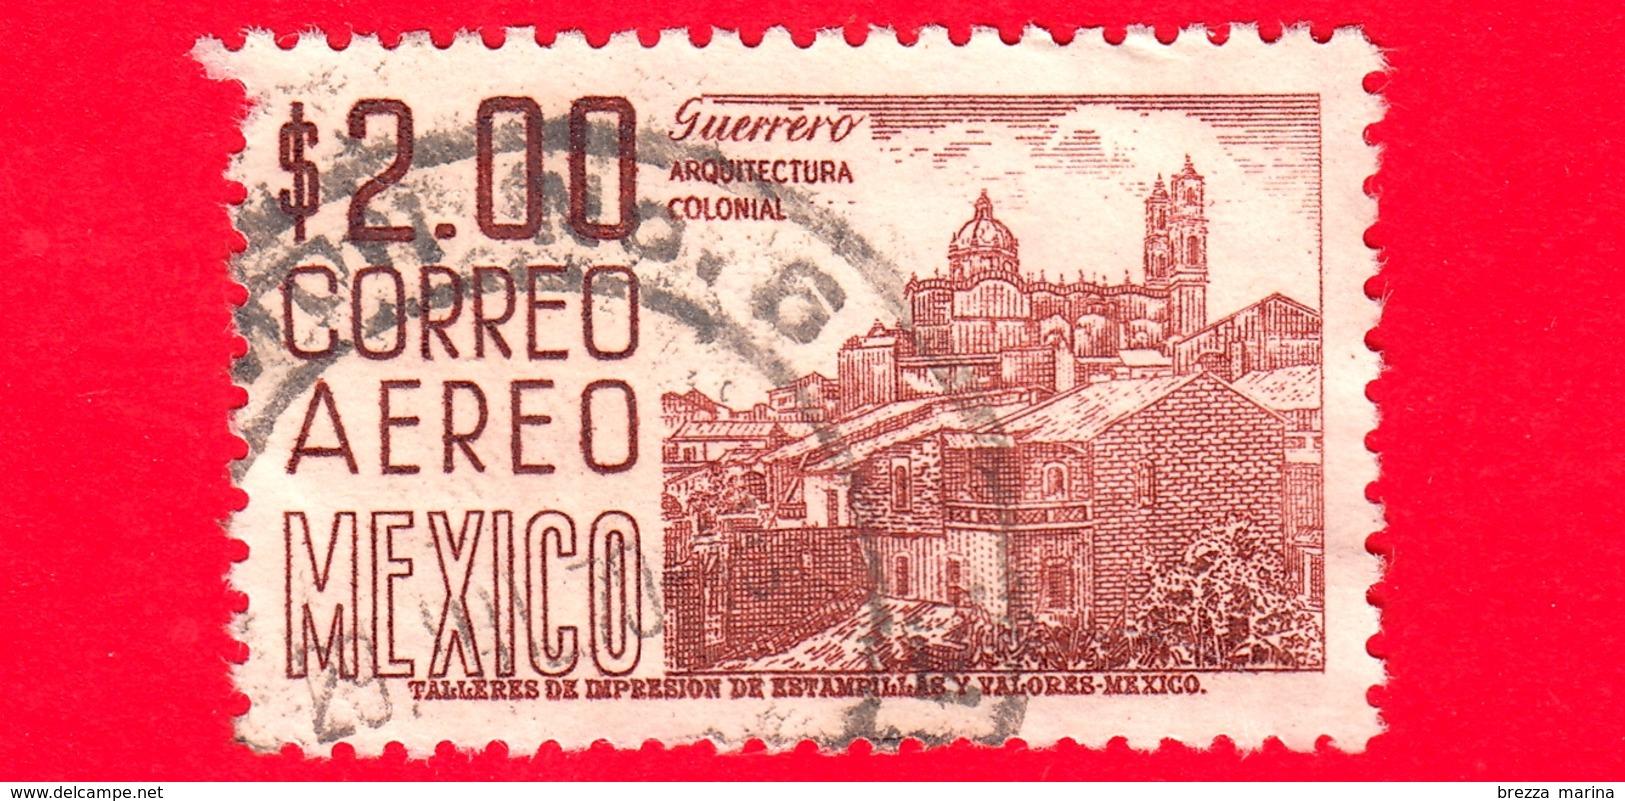 MESSICO - Usato - 1962 - Architettura Coloniale - Chiesa Di Santa Prisca, Guerrero  - 2.00 - Messico